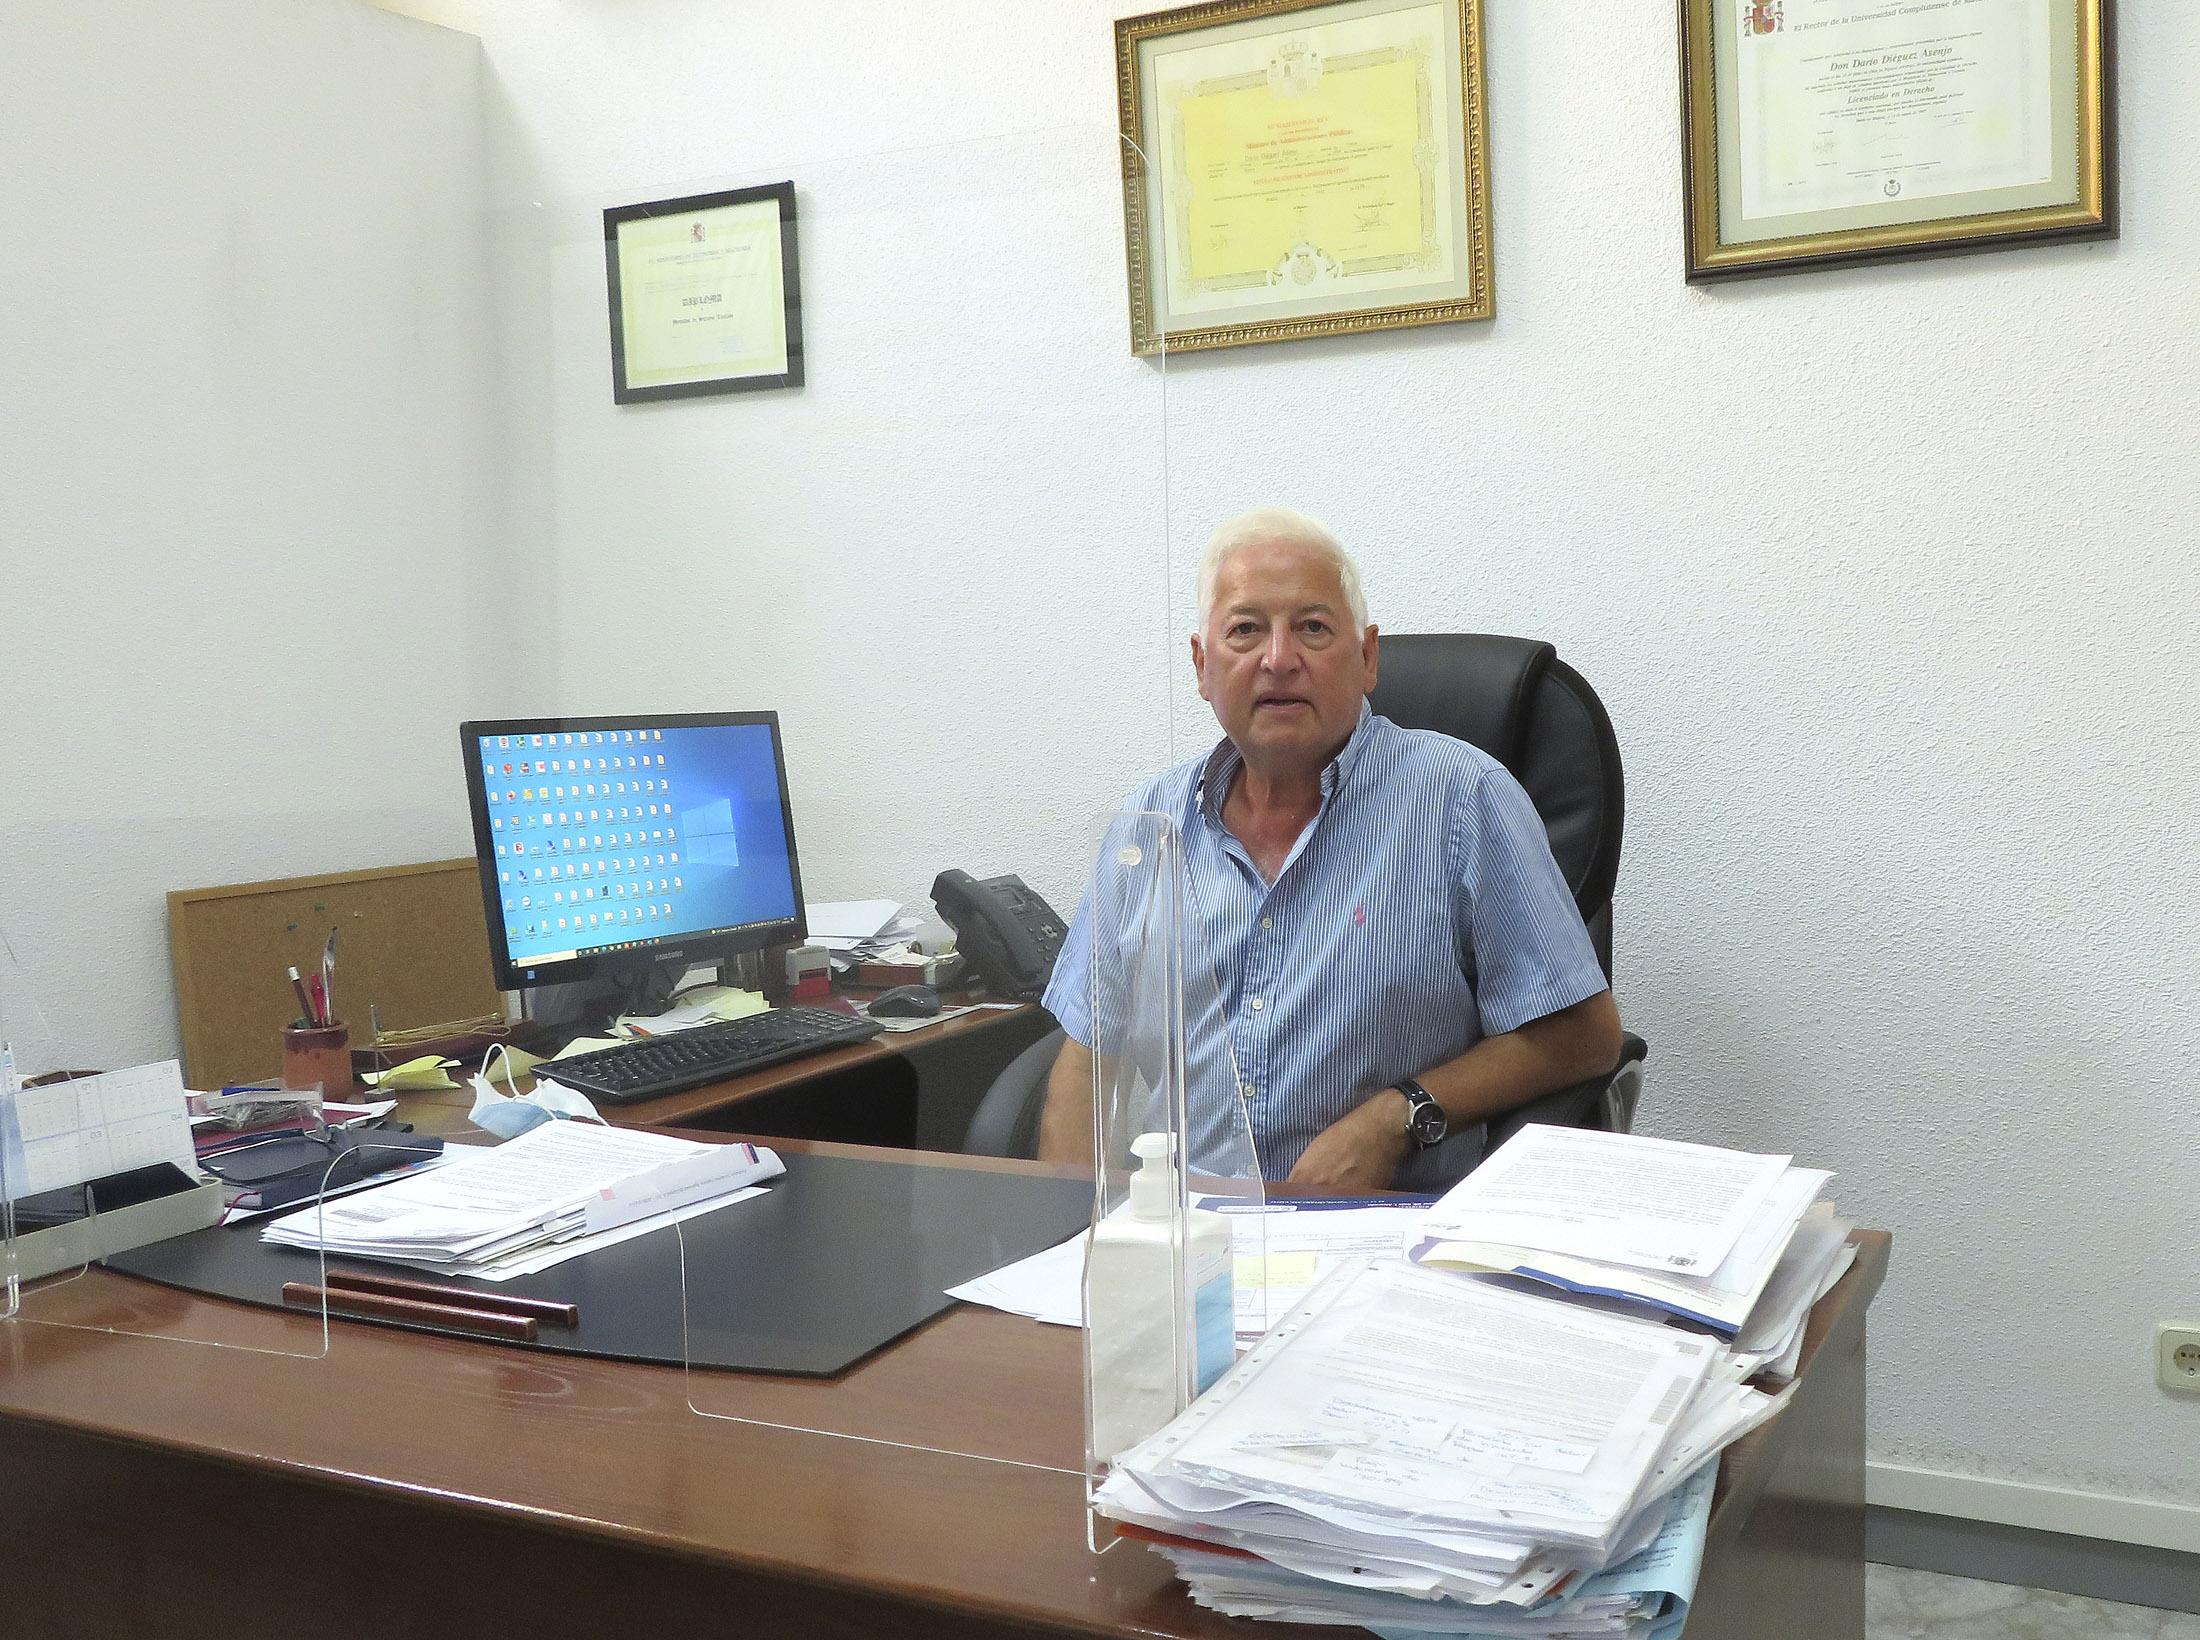 Dario Dieguez